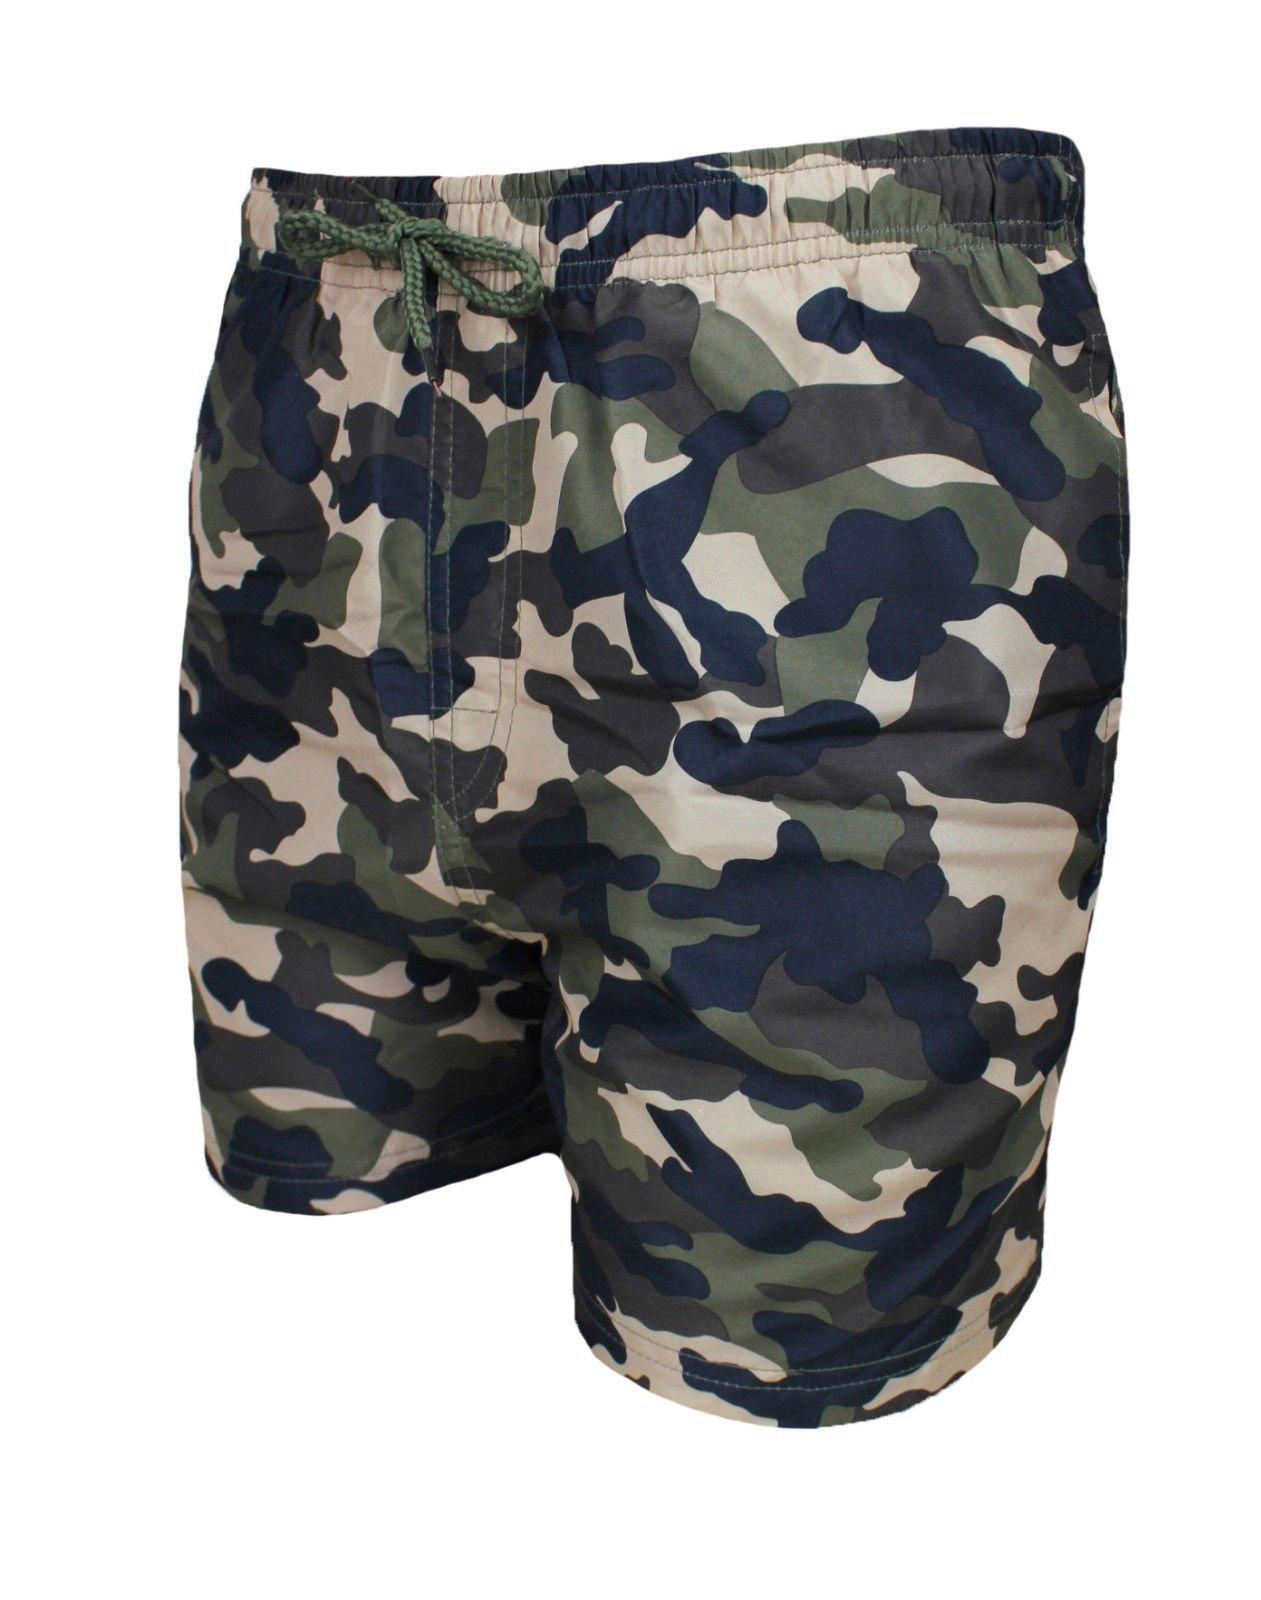 19dadde52a AK collezioni Costume Mare Uomo Mimetico Verde Militare Pantaloncino Boxer  Slim Fit Shorts Pantalone Bermuda